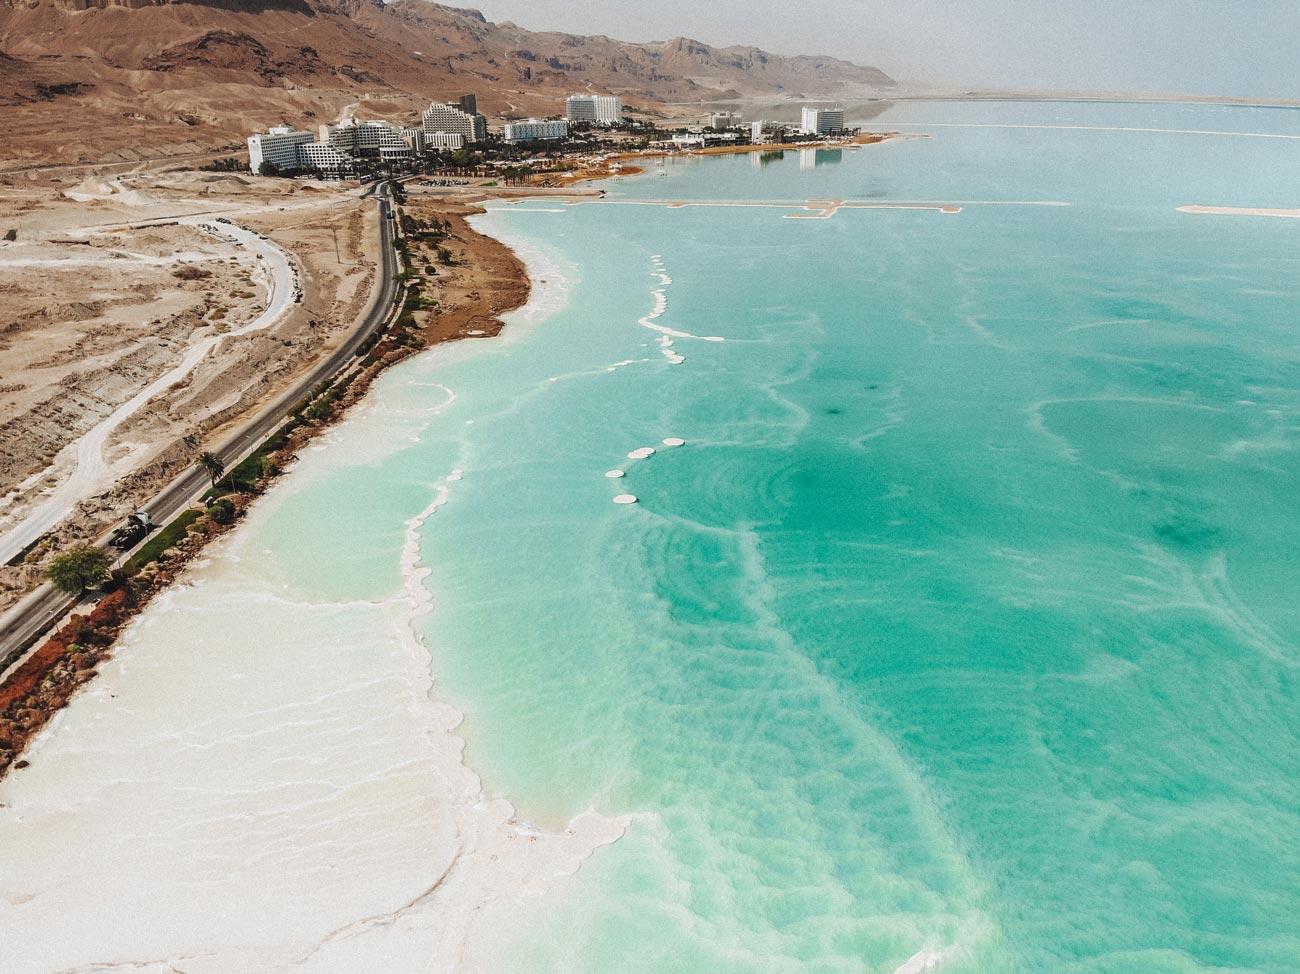 здорово виды моря израиля фото секс этих